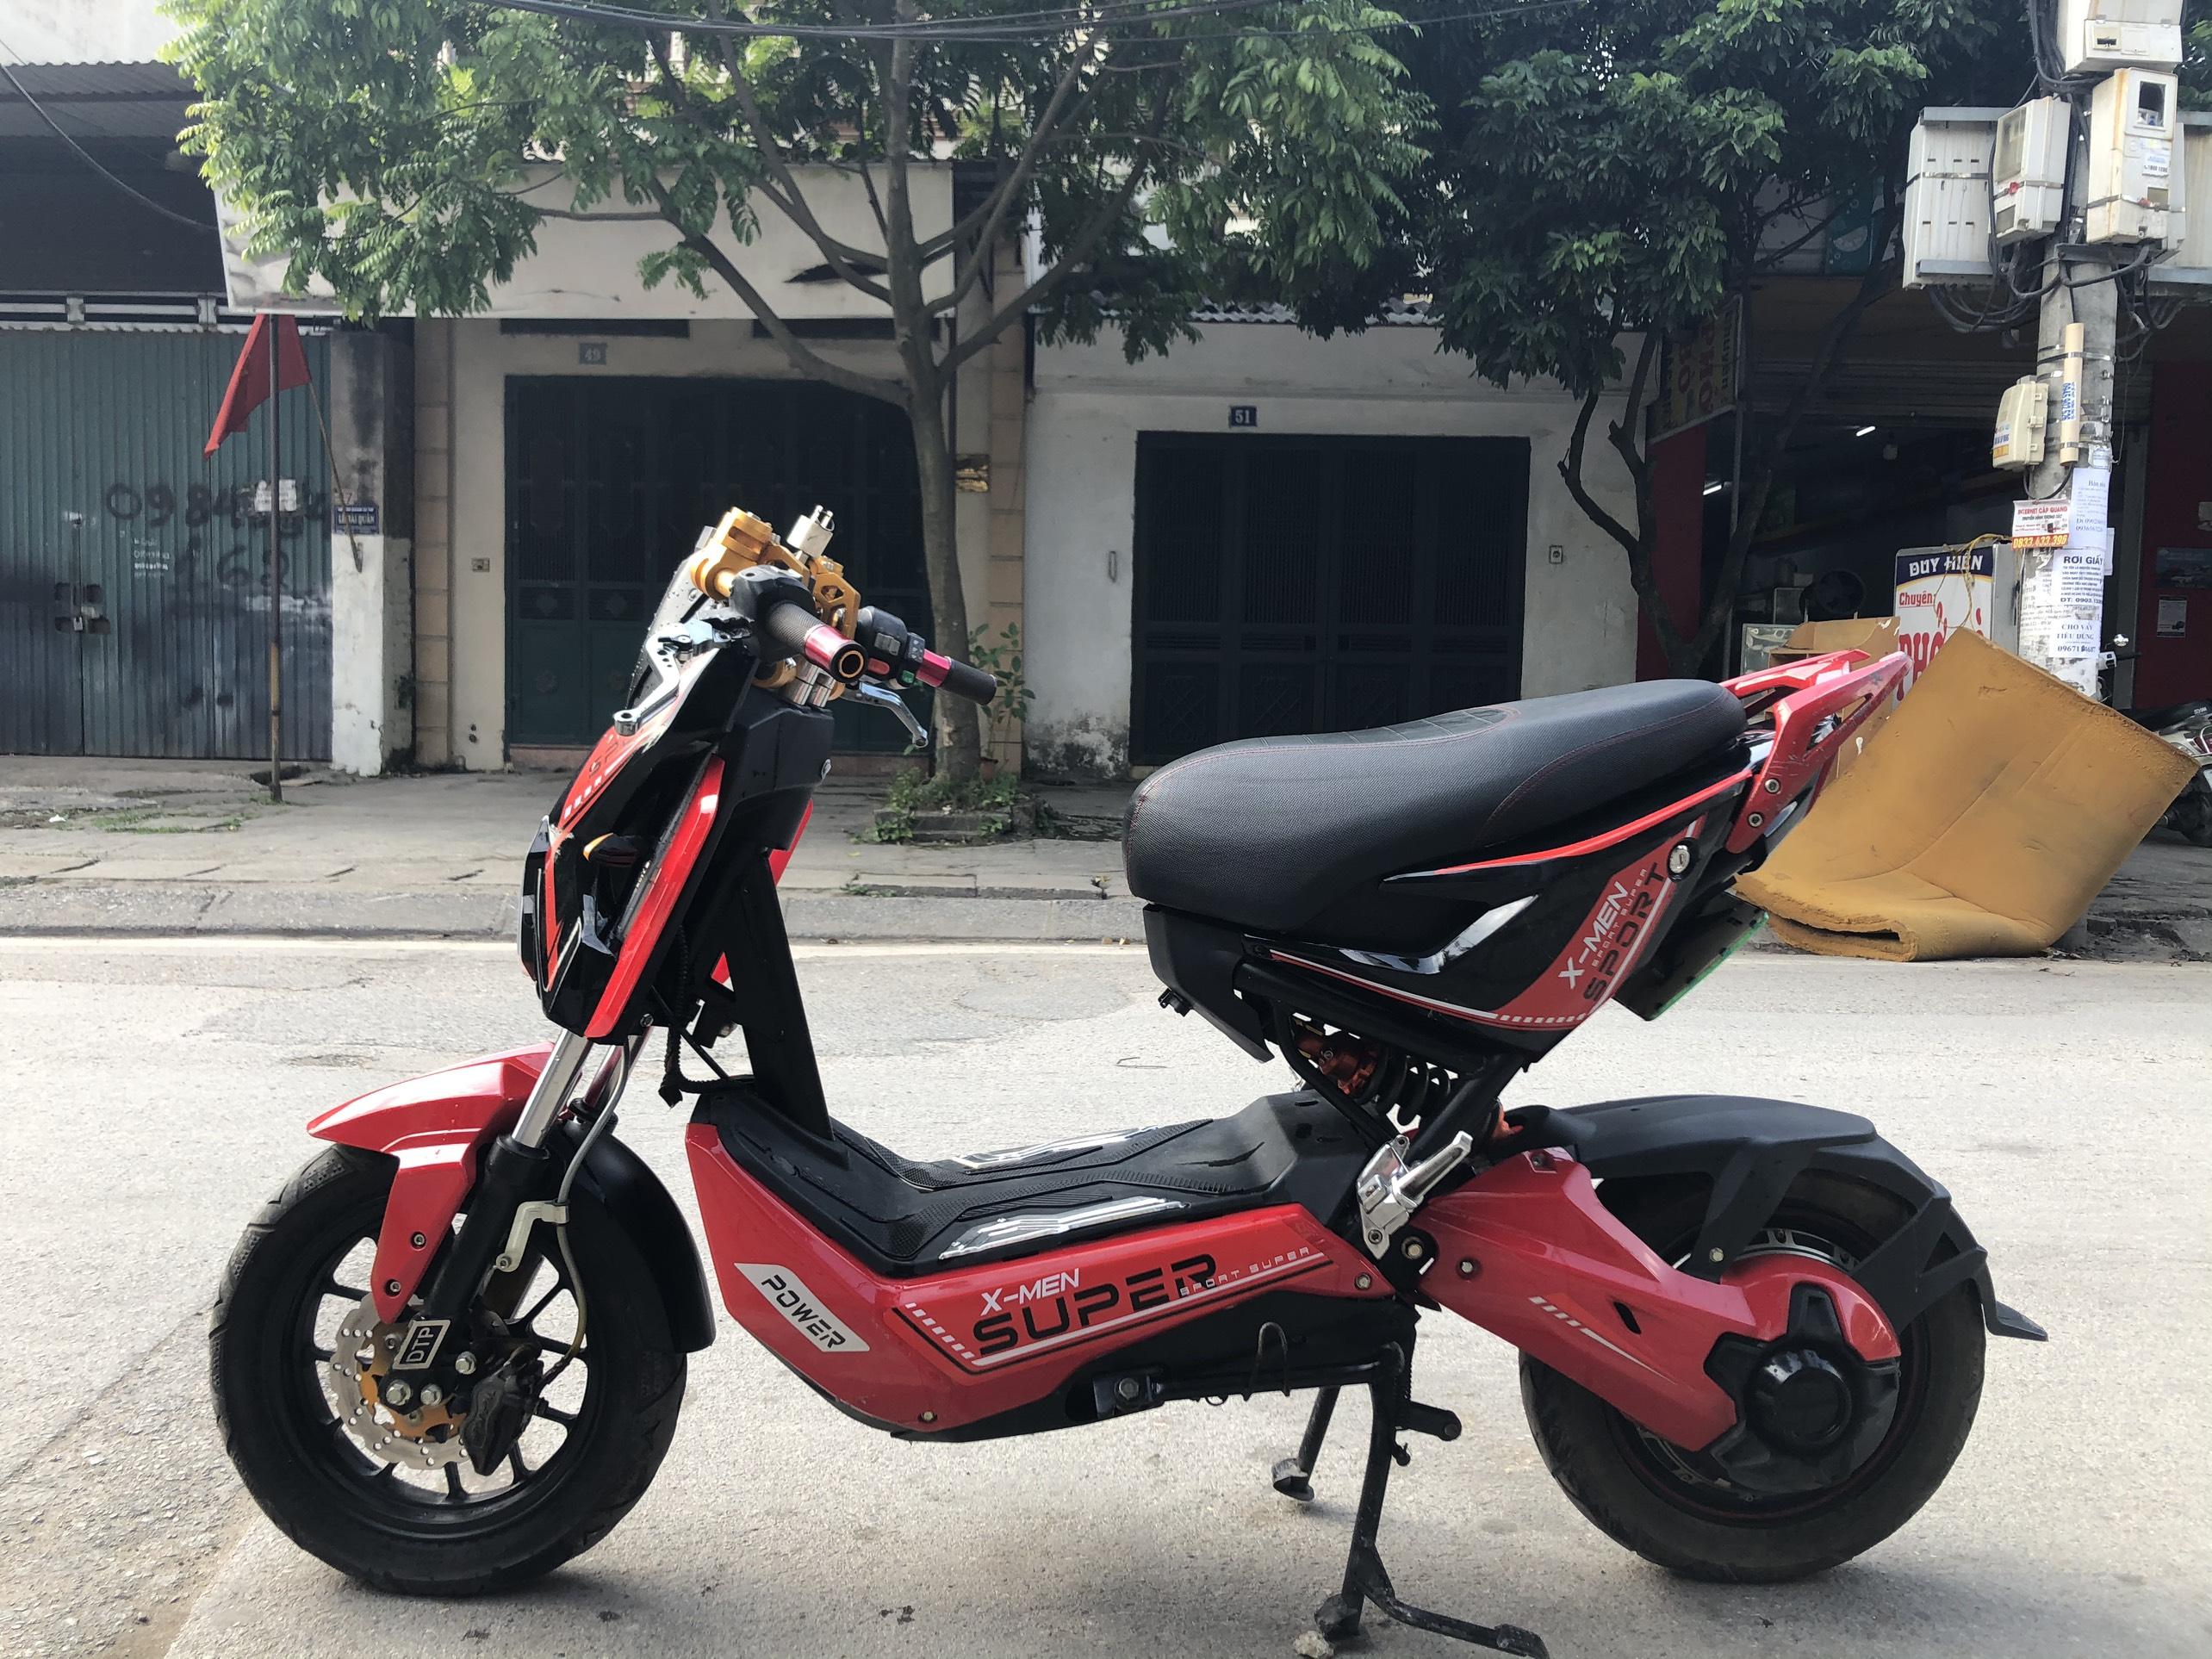 xe máy điện xmen đỏ